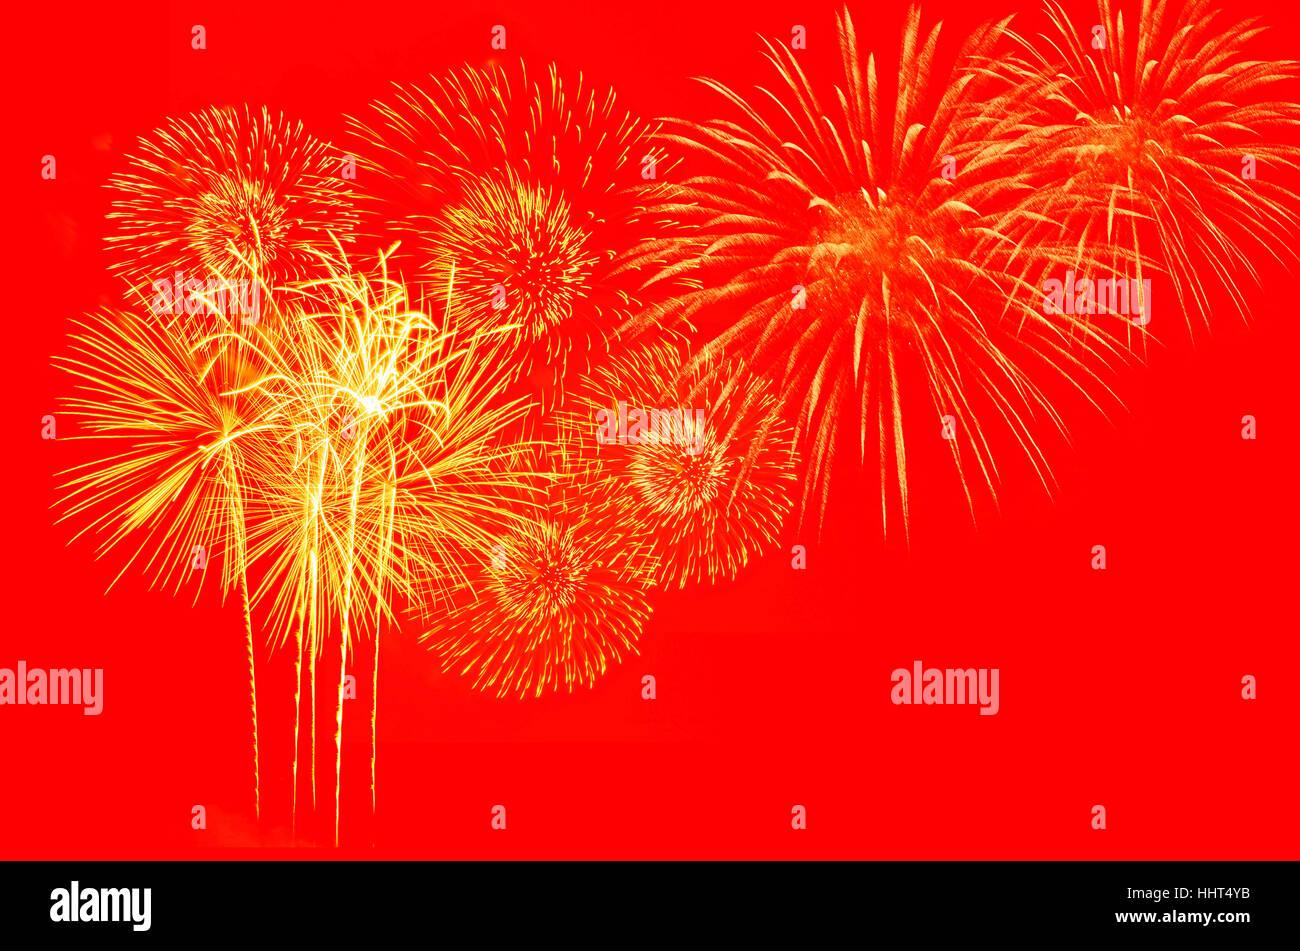 Fuegos artificiales de oro sobre fondo rojo. Foto de stock